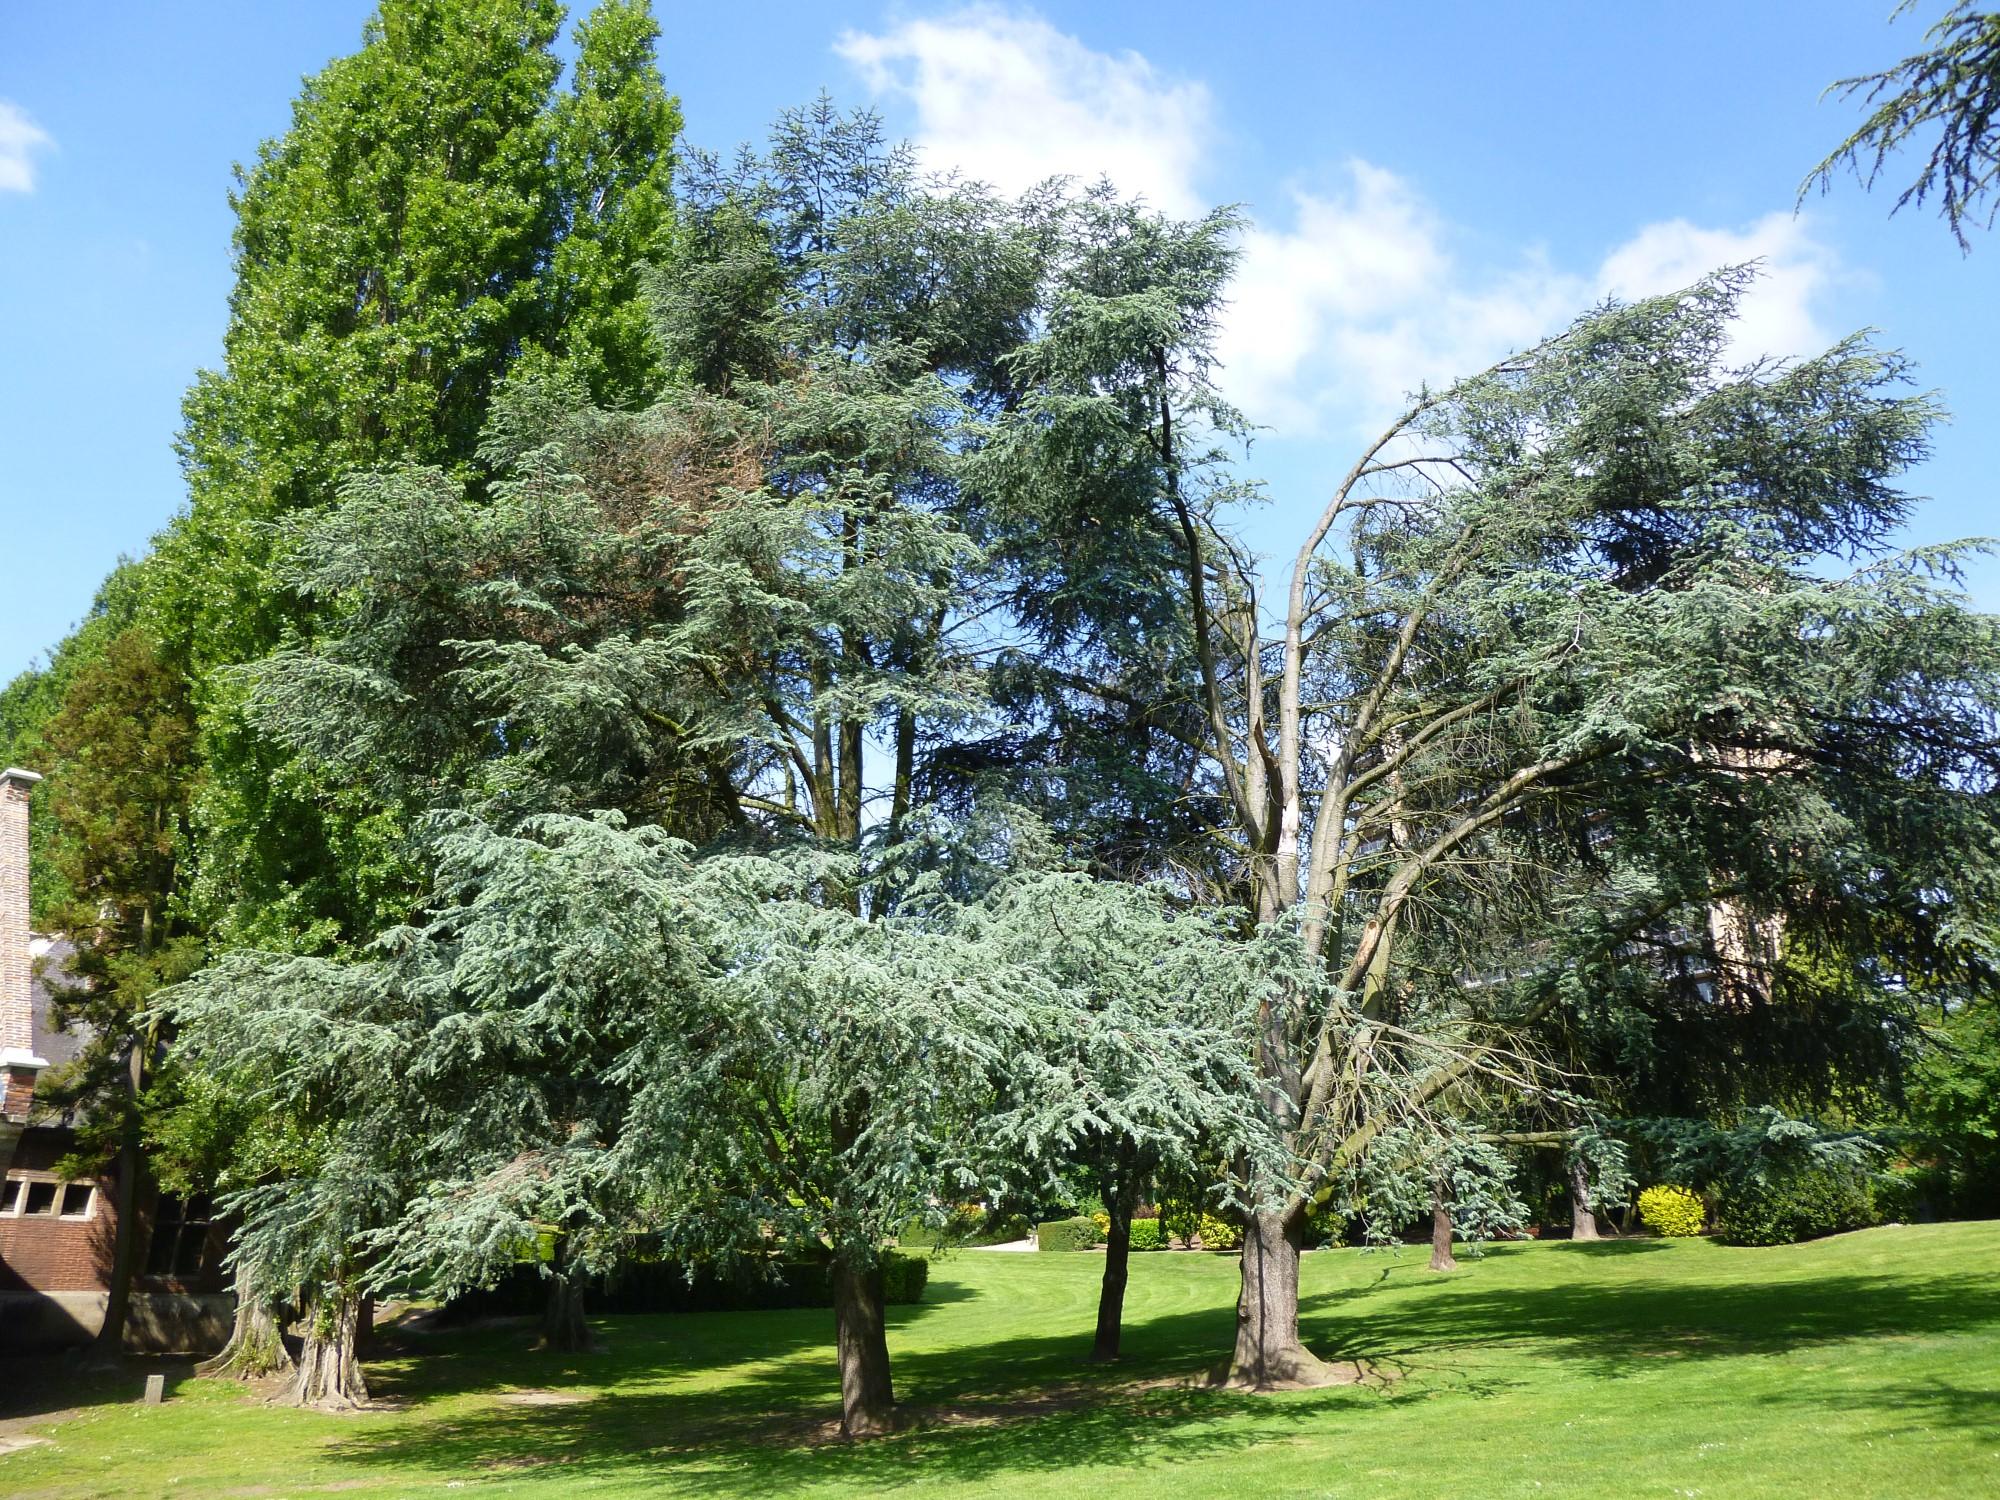 Blauwe ceder – Sint-Jans-Molenbeek, Karreveldpark –  16 Mei 2014